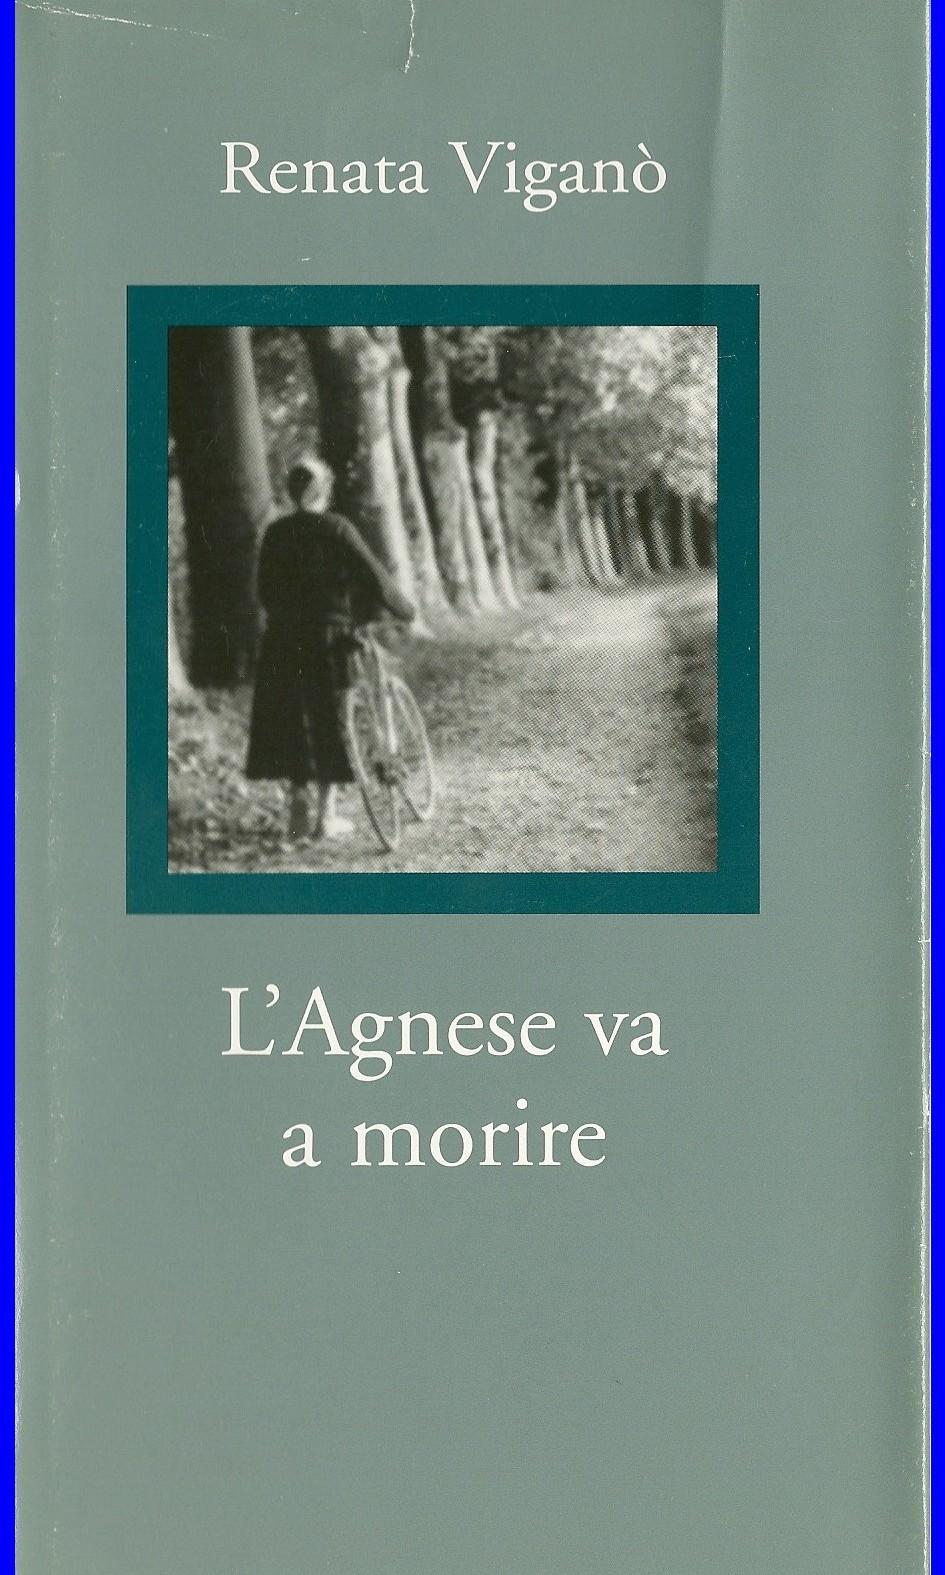 L'Agnese va a morire